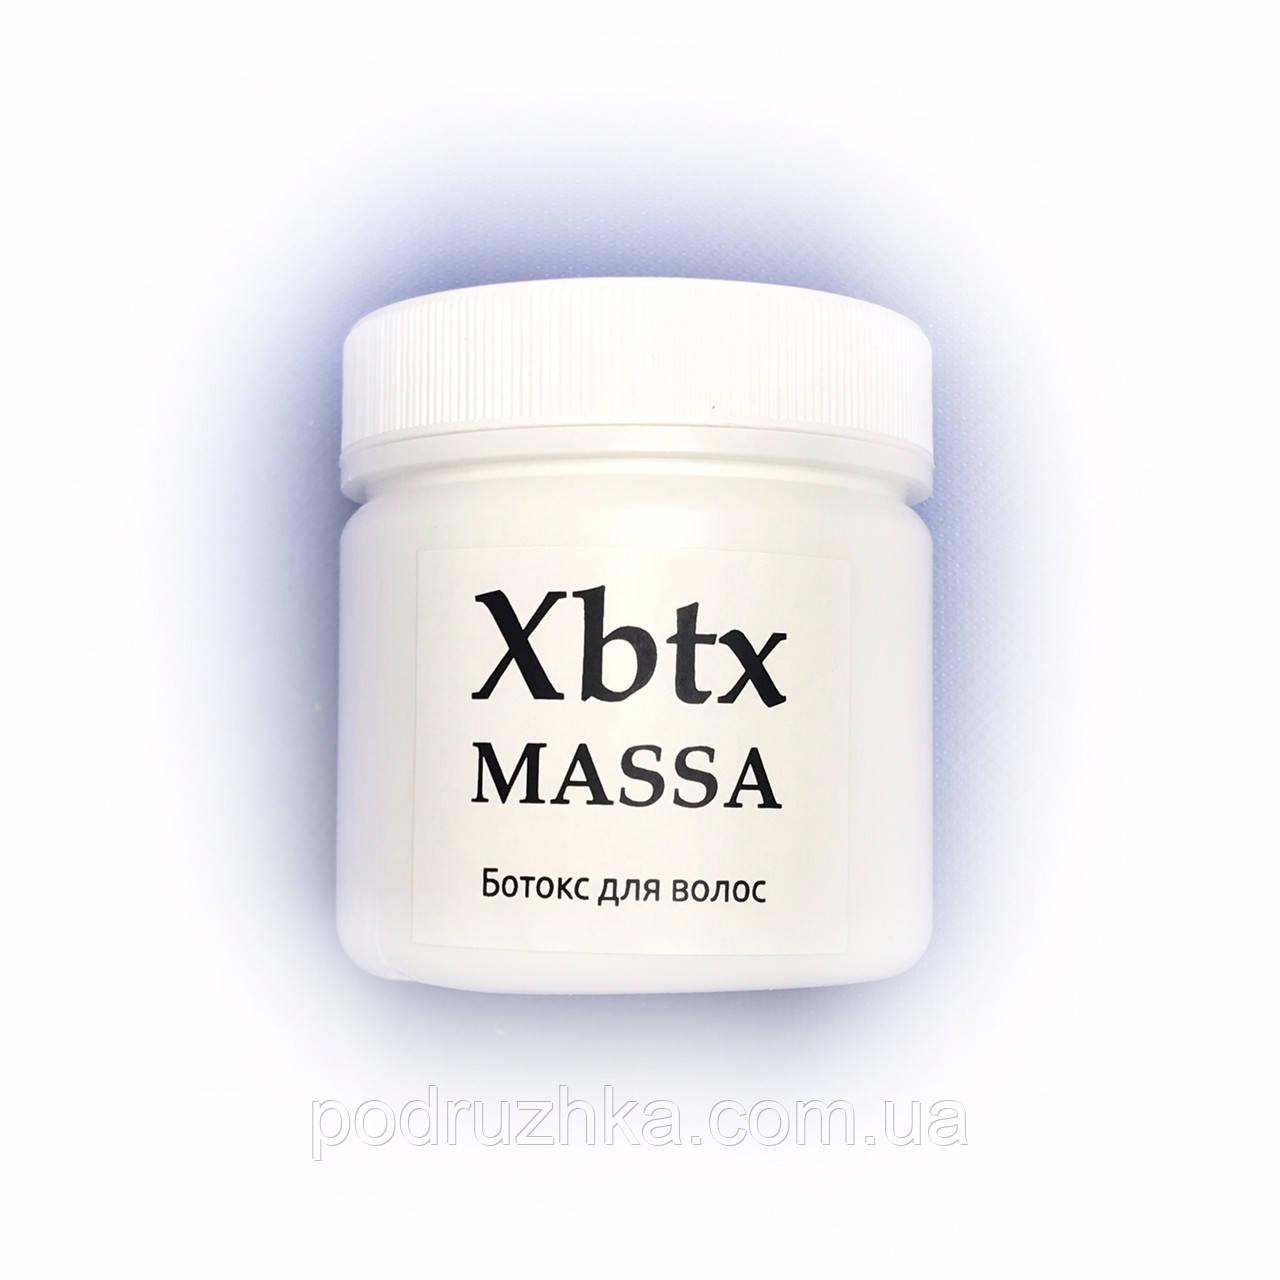 Ботокс для волос XBTX Massa 200 г